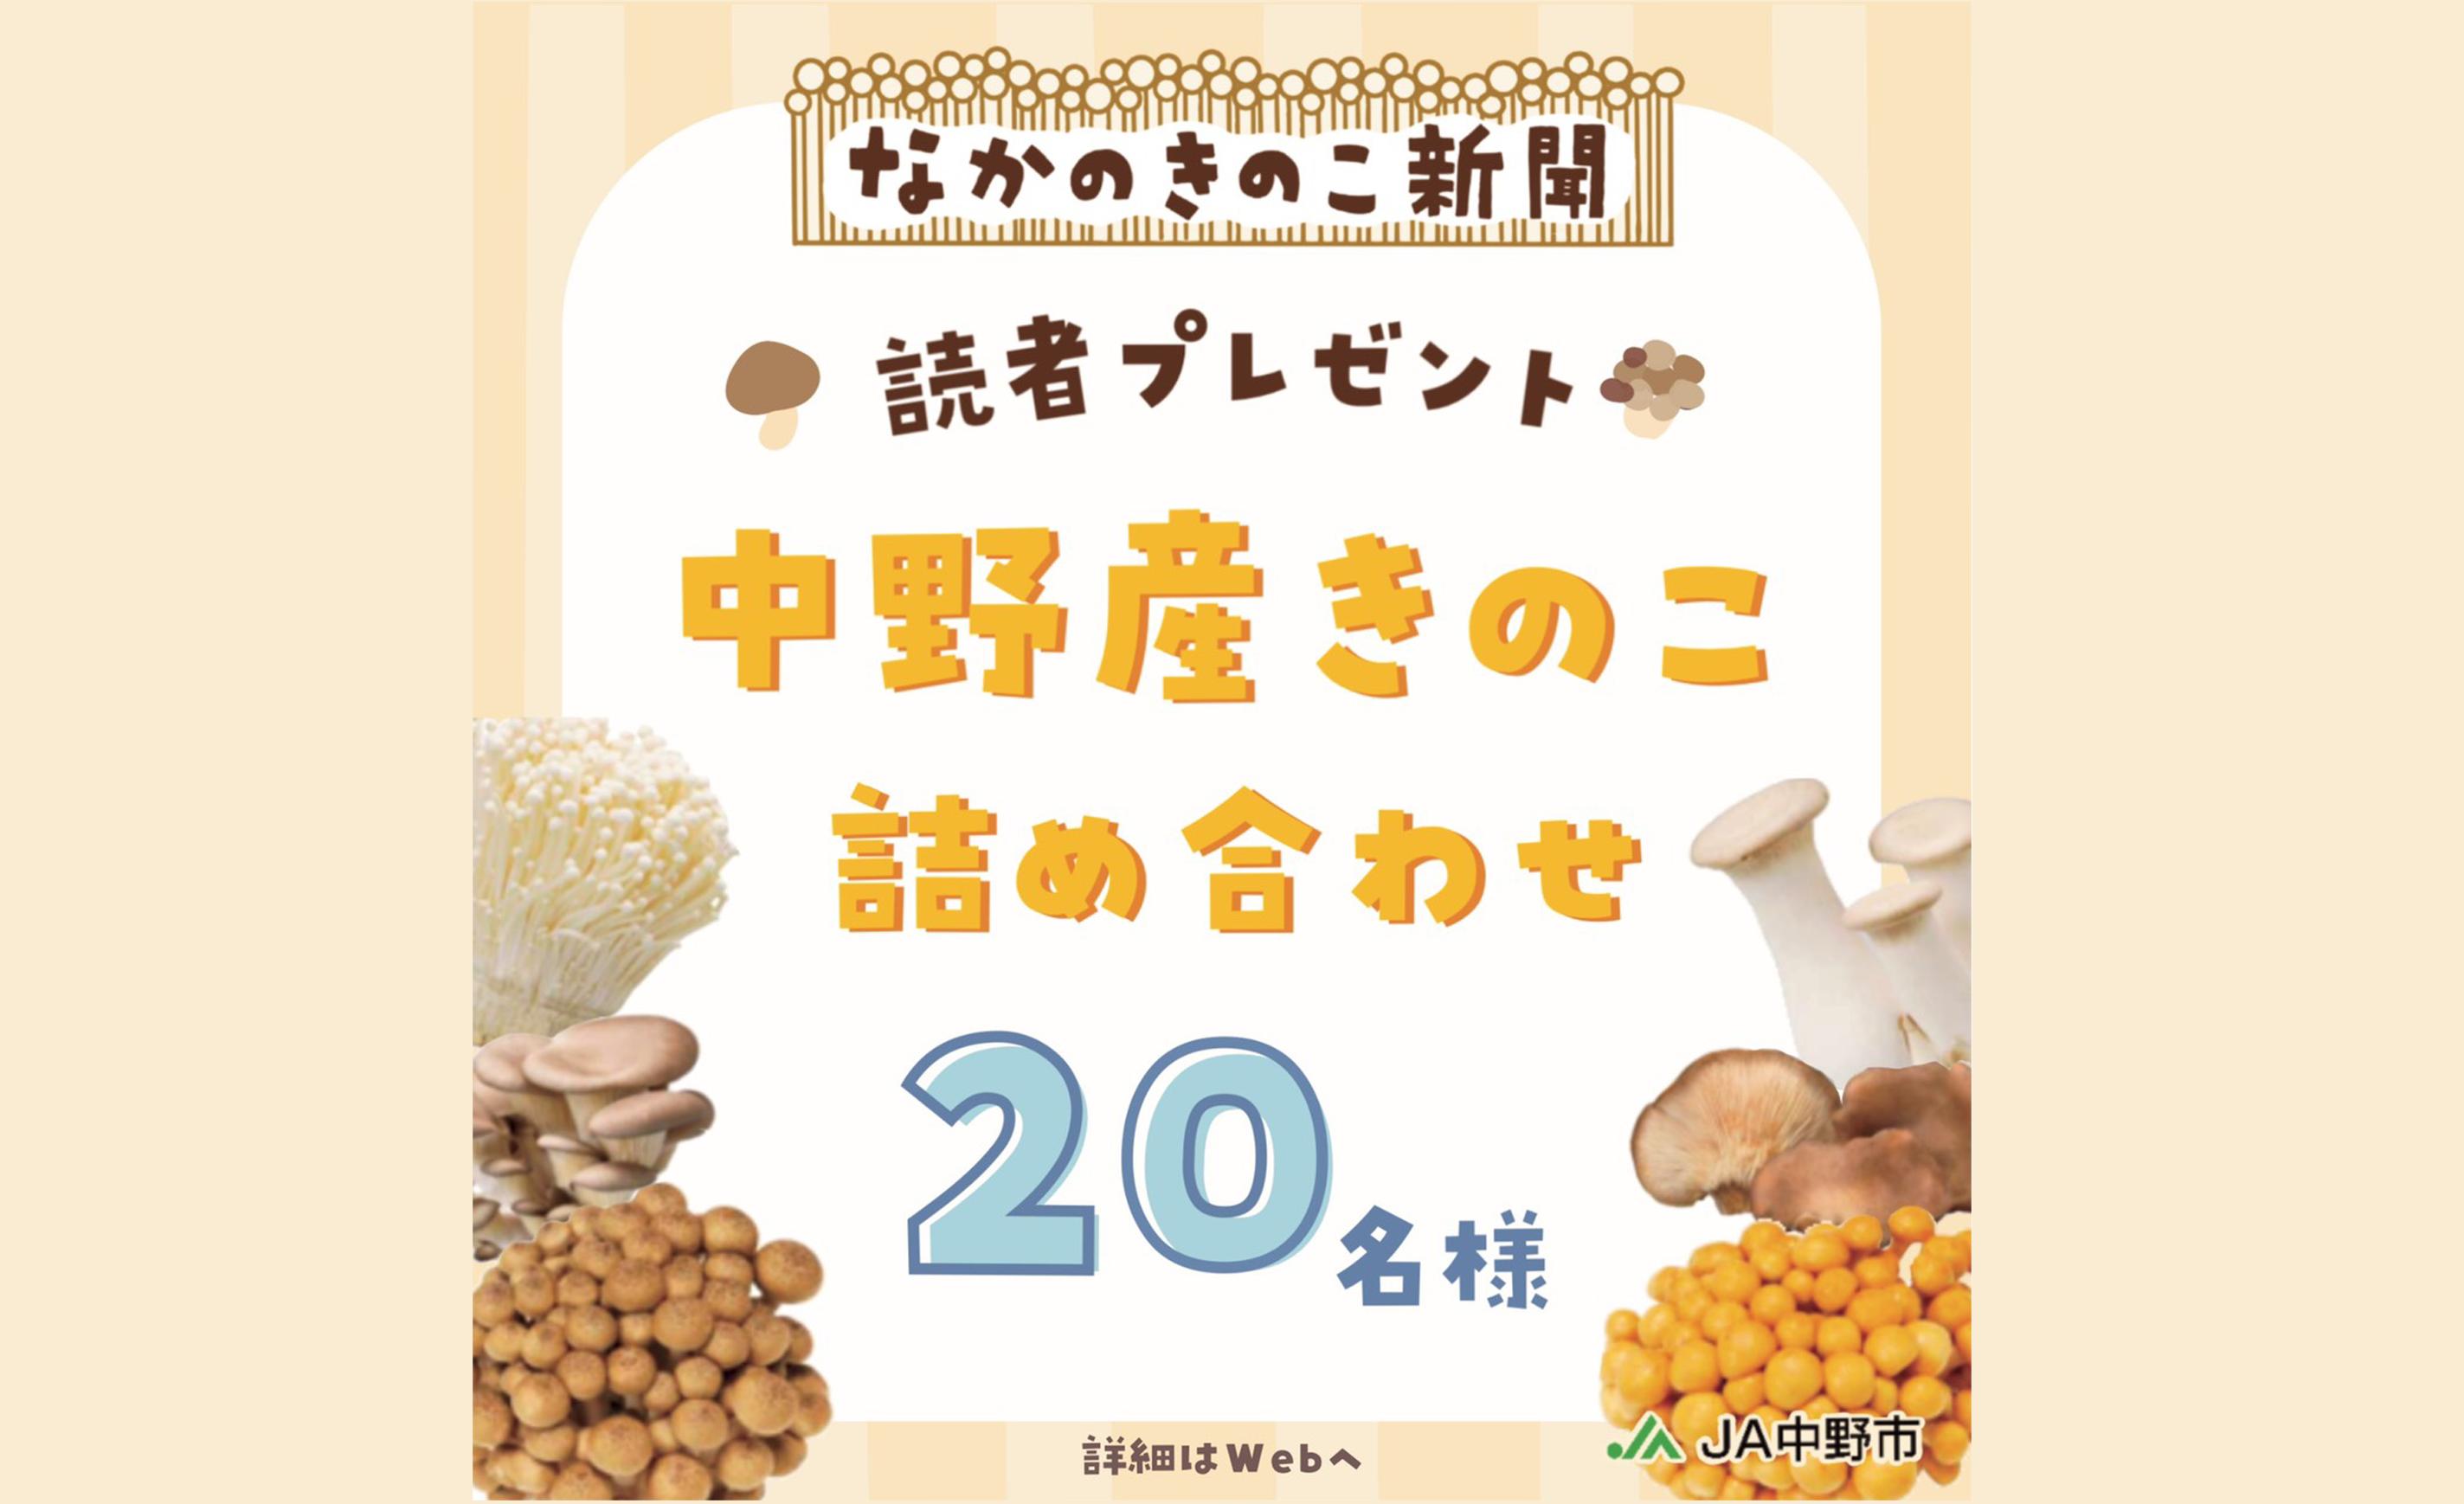 【春夏号プレゼントキャンペーン】中野市産「きのこの詰め合わせ」を20名様にプレゼント!